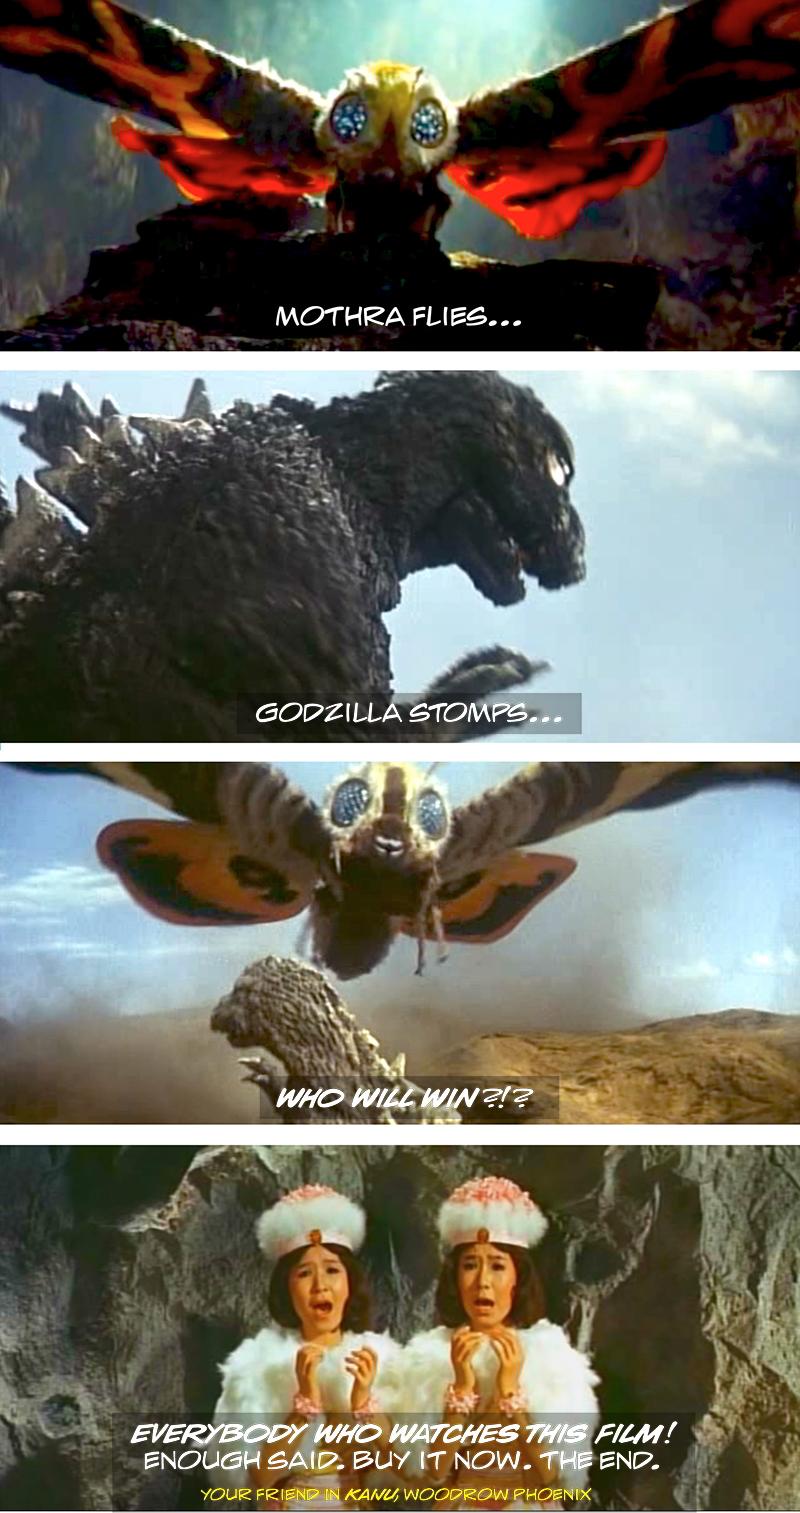 Godzilla Vs Mothra Electric Sheep Reviews